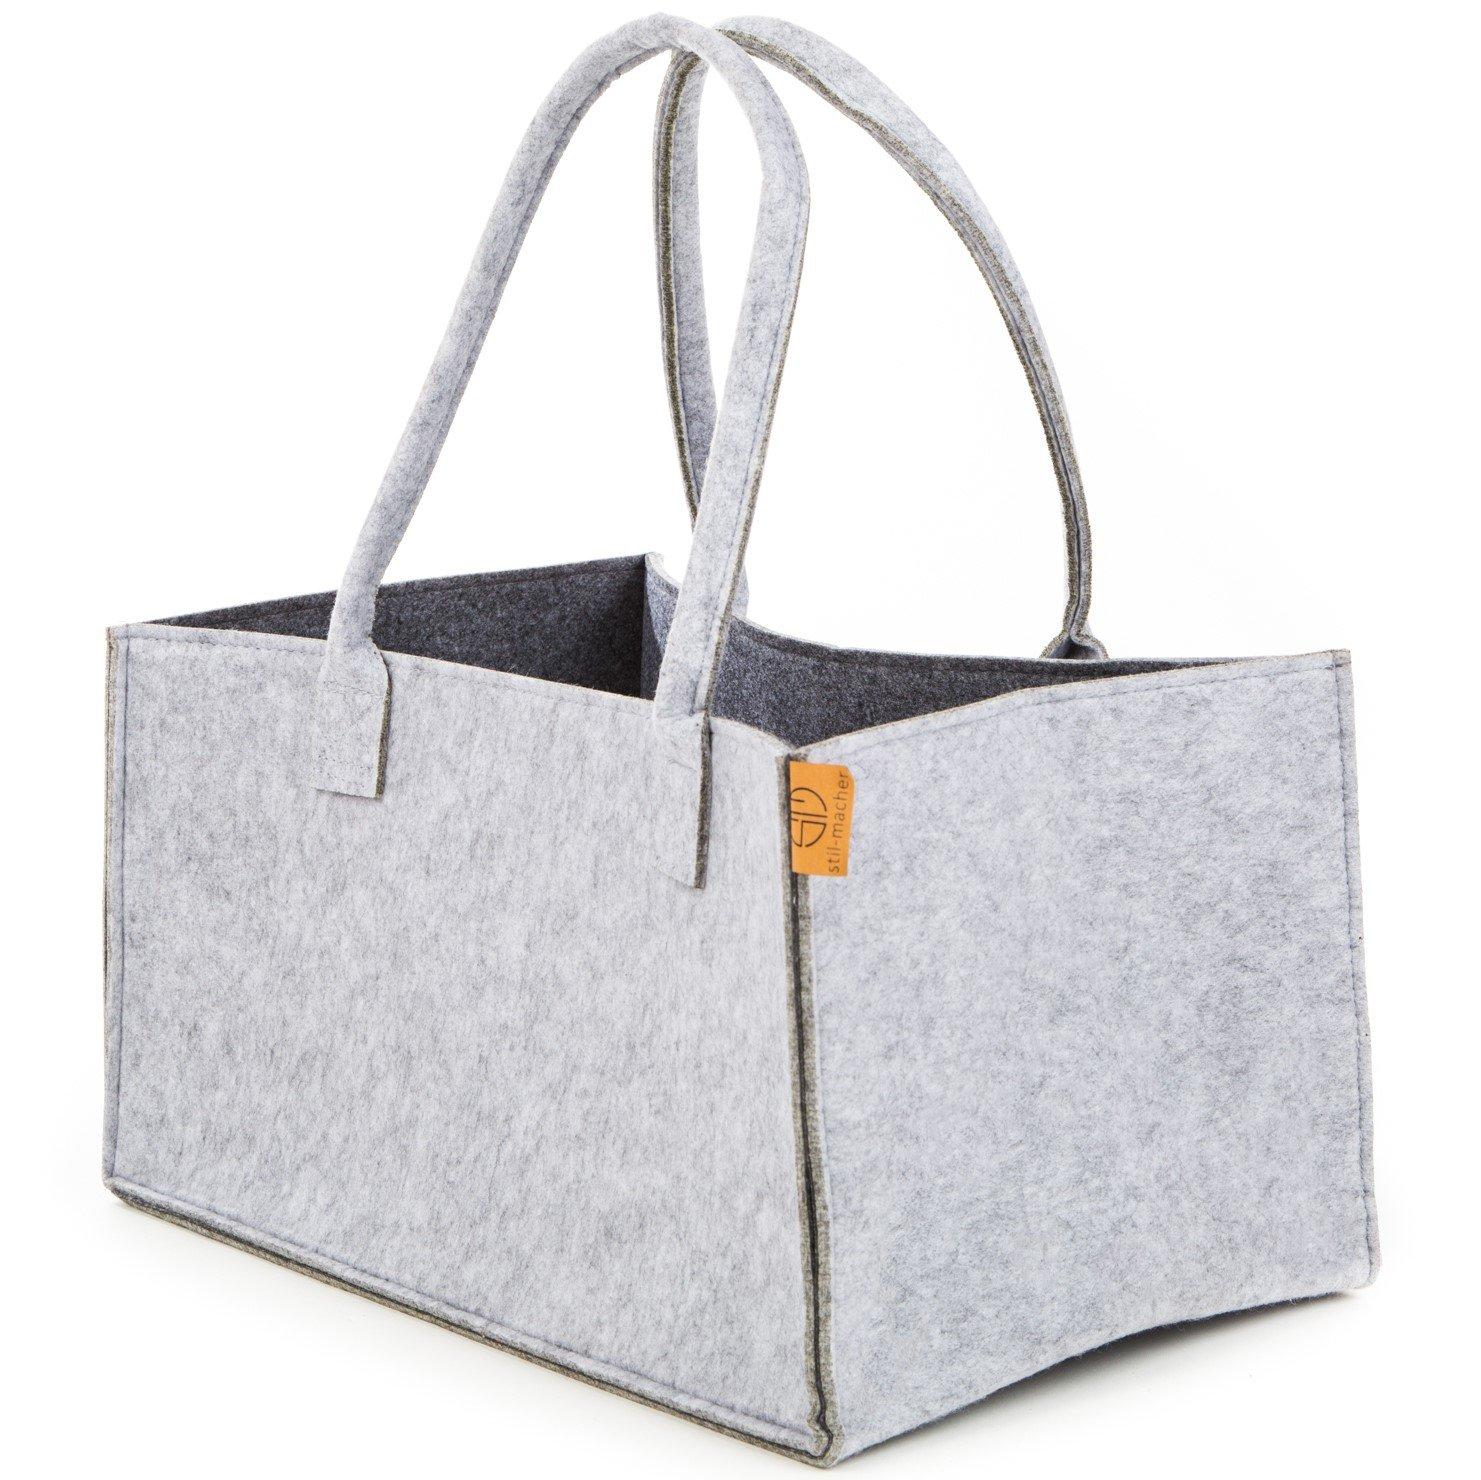 Premium Filztasche von Stil-Macher | Grau GrassGreen | Design Einkaufstasche, Shopper, robuste Filztasche, Kaminholztasche, Einkaufskorb aus hochwertigem Filz | 44x35x30 cm